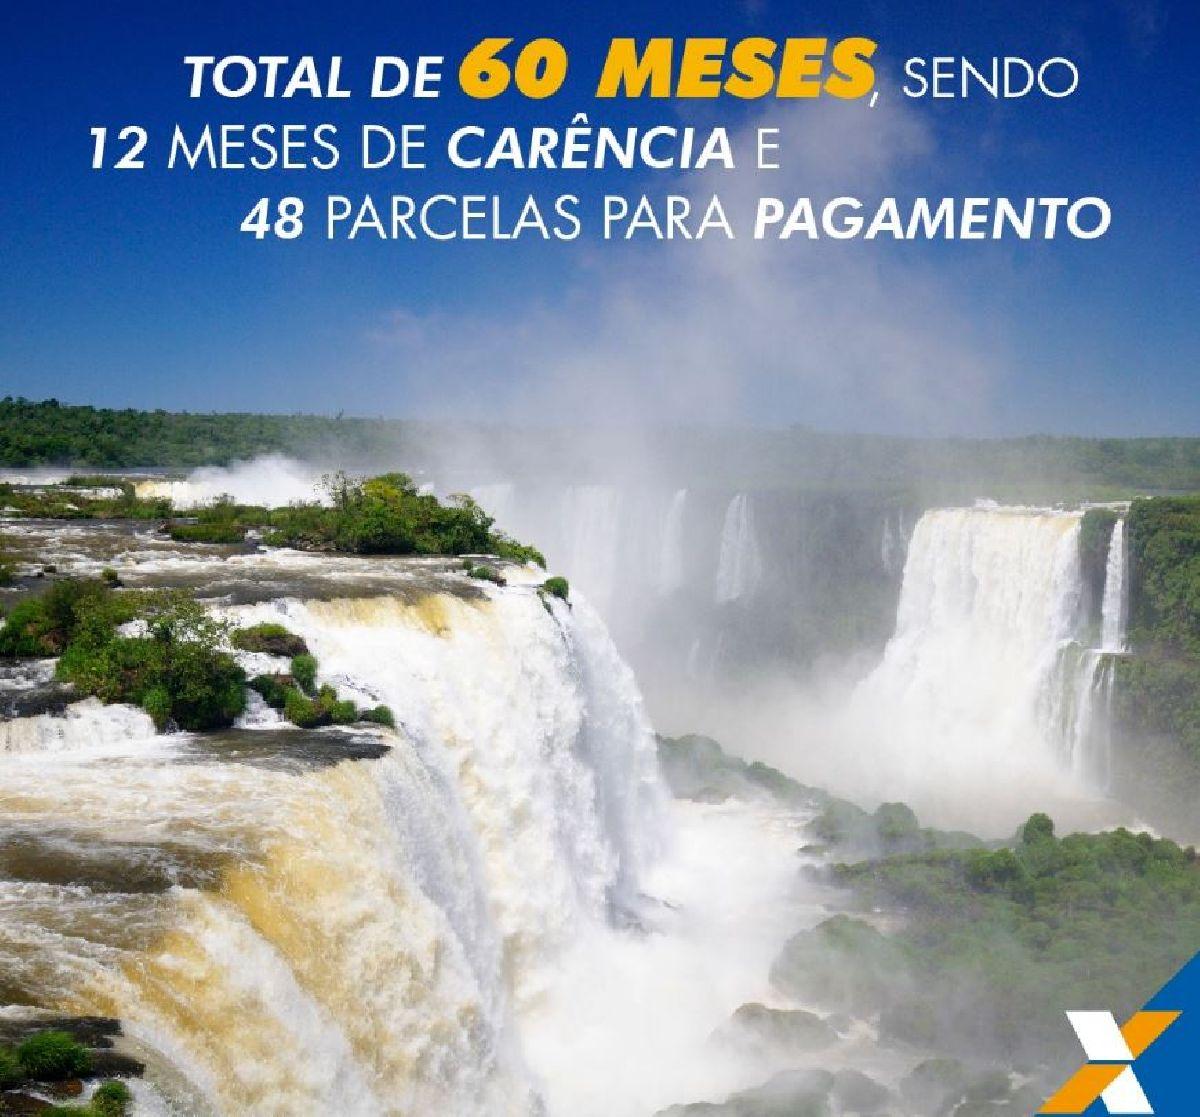 CAIXA E MINISTÉRIO DO TURISMO DISPONIBILIZAM R$ 1,2 BILHÃO PARA O SETOR DO TURISMO